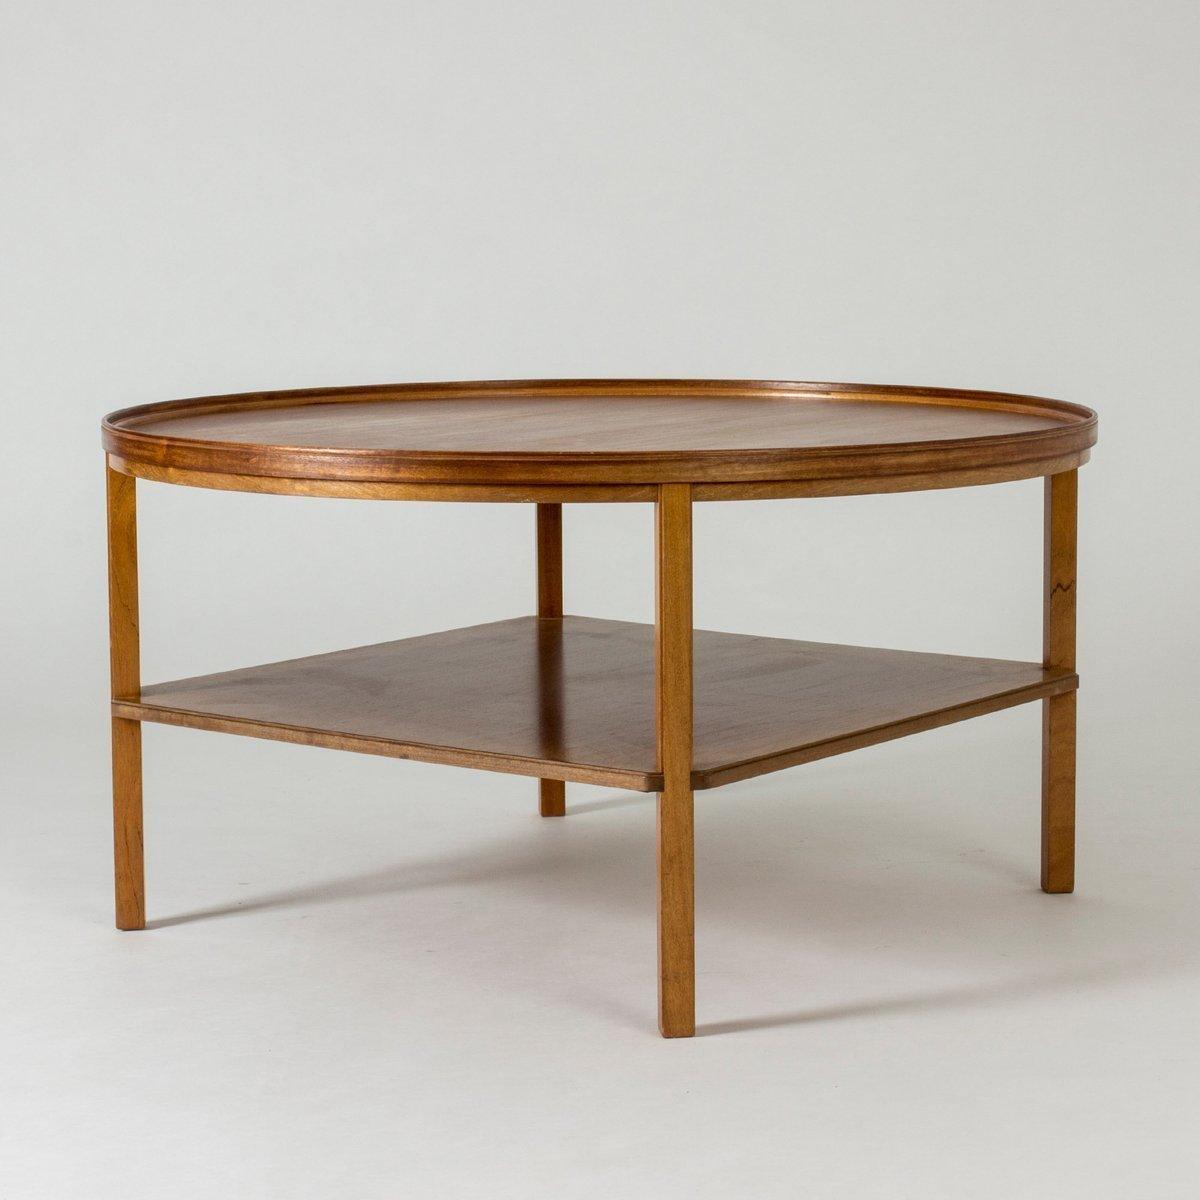 Mahogany Coffee Table By Kaare Klint For Rud Rasmussen 1930s Rud Rasmussen Vinterior